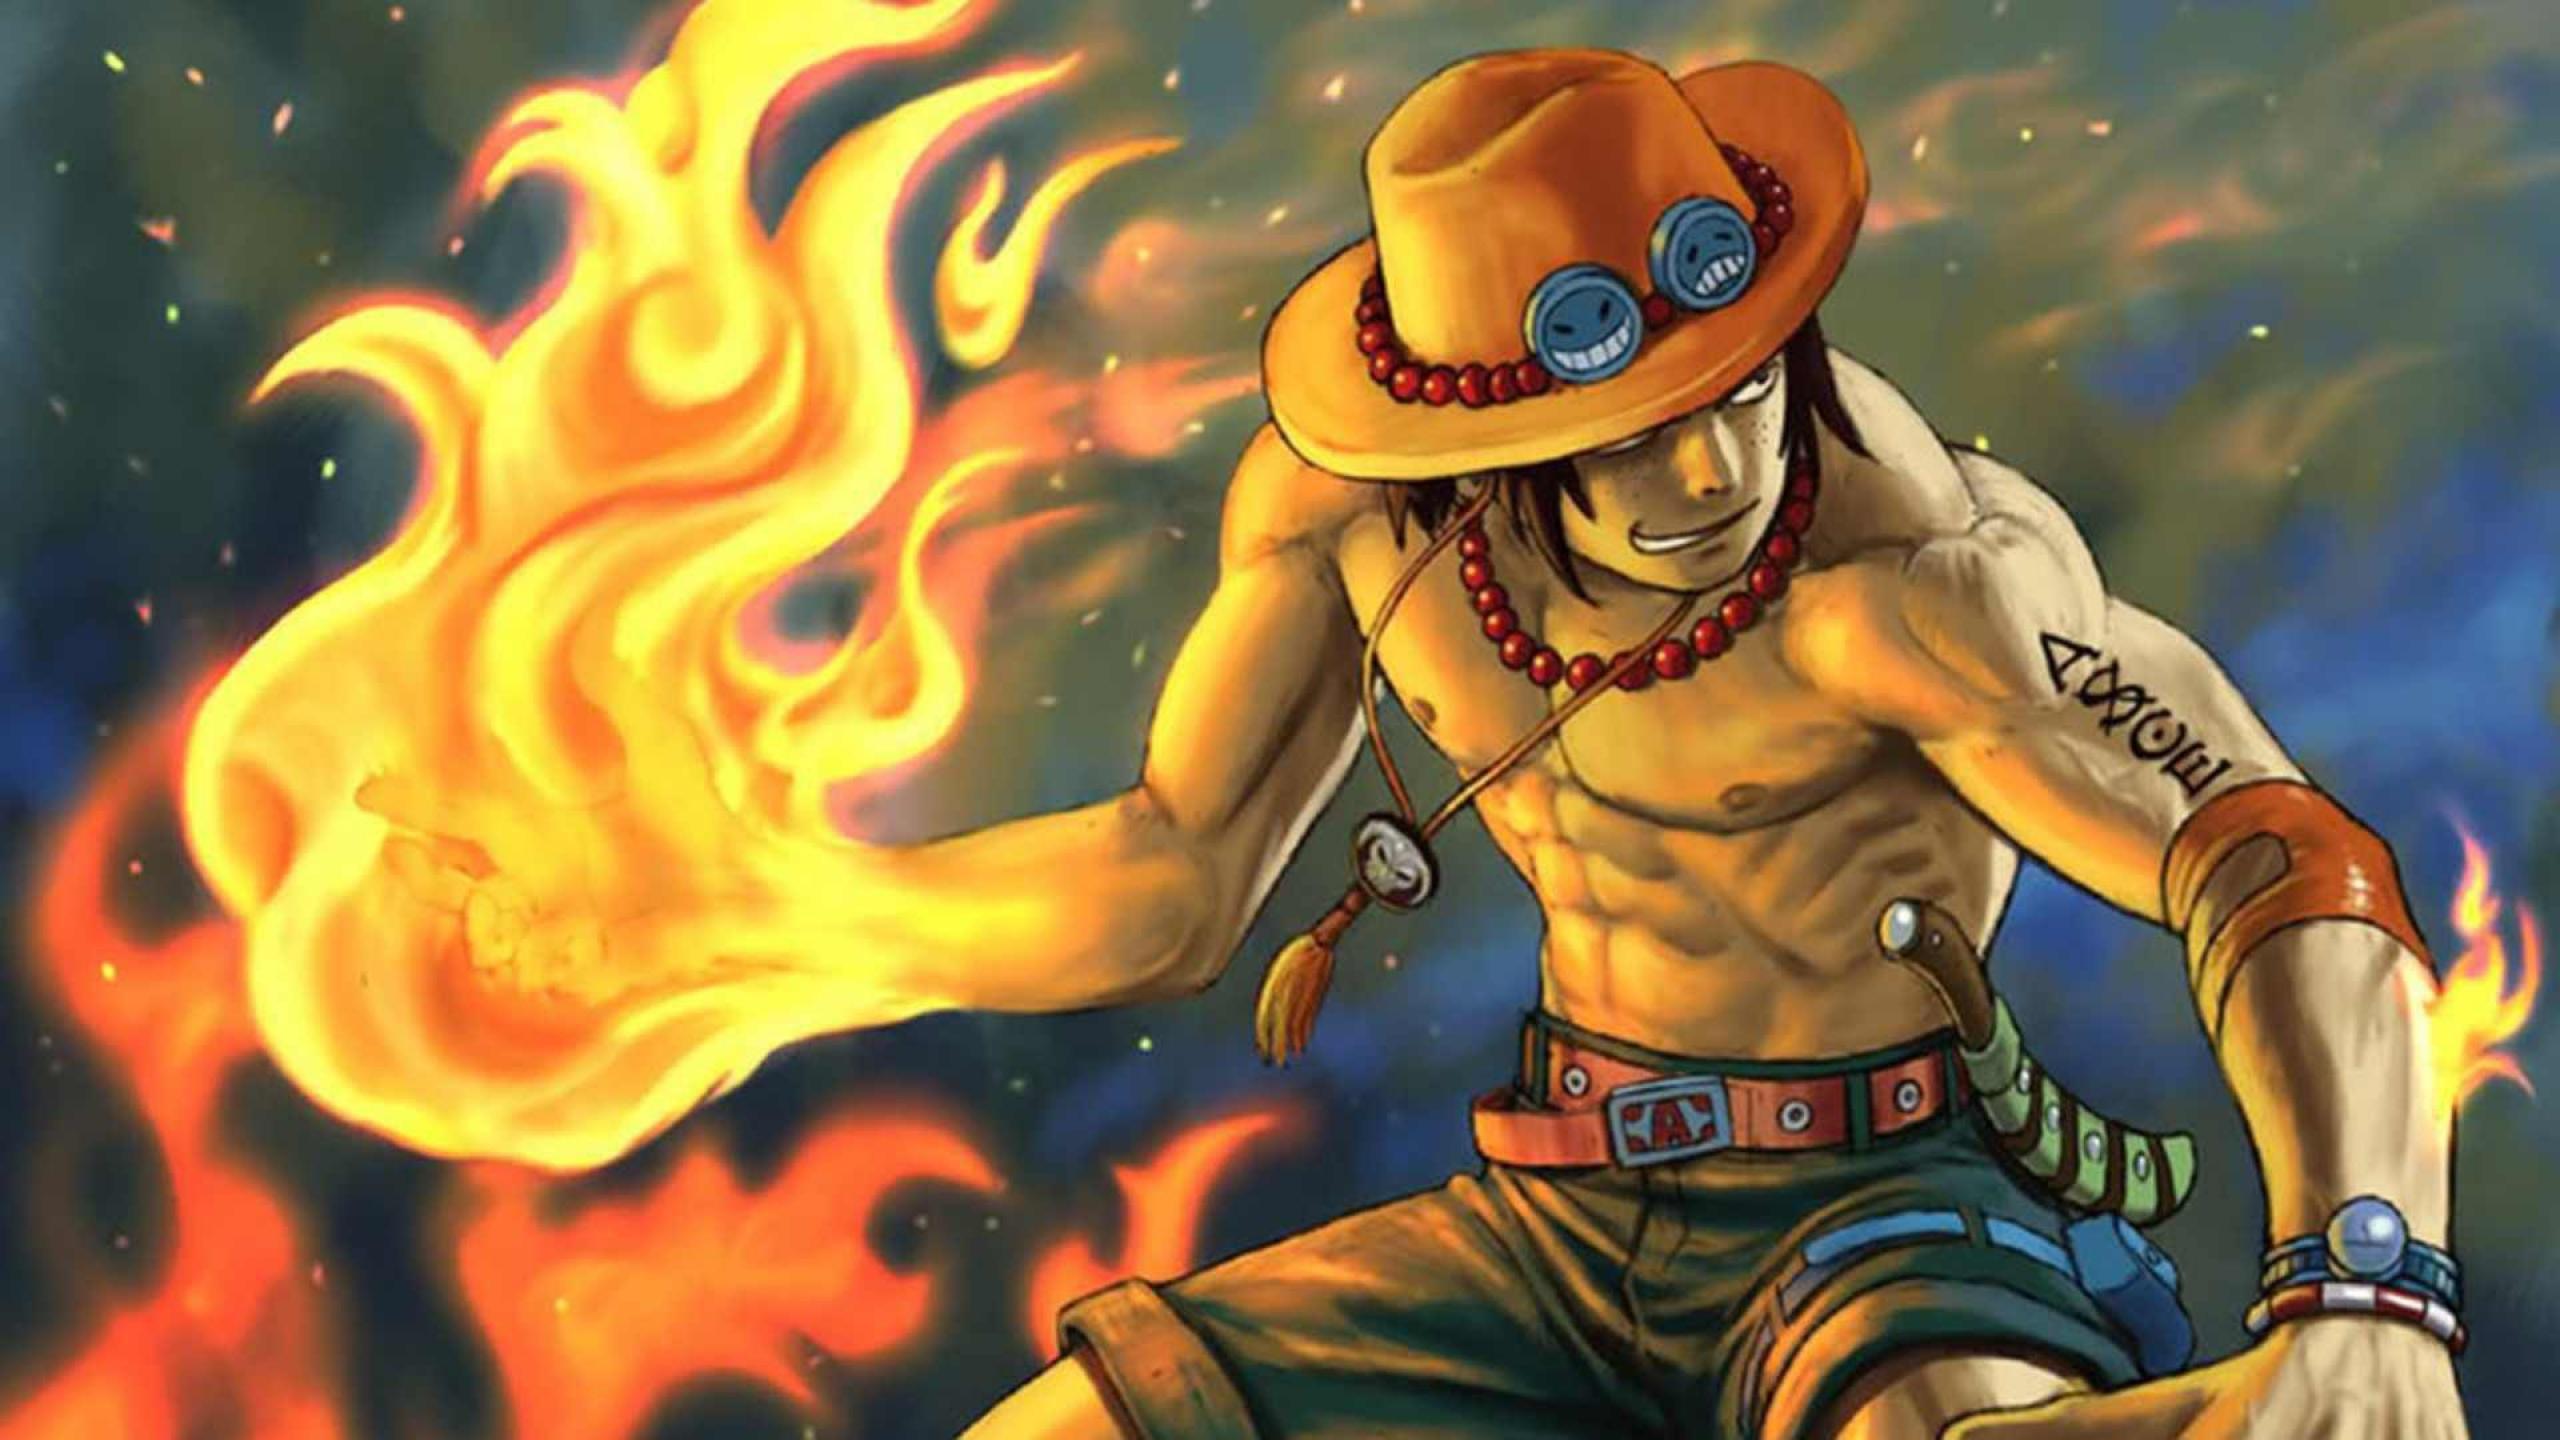 E Piece Wallpaper HD Anime Free Download Desktop